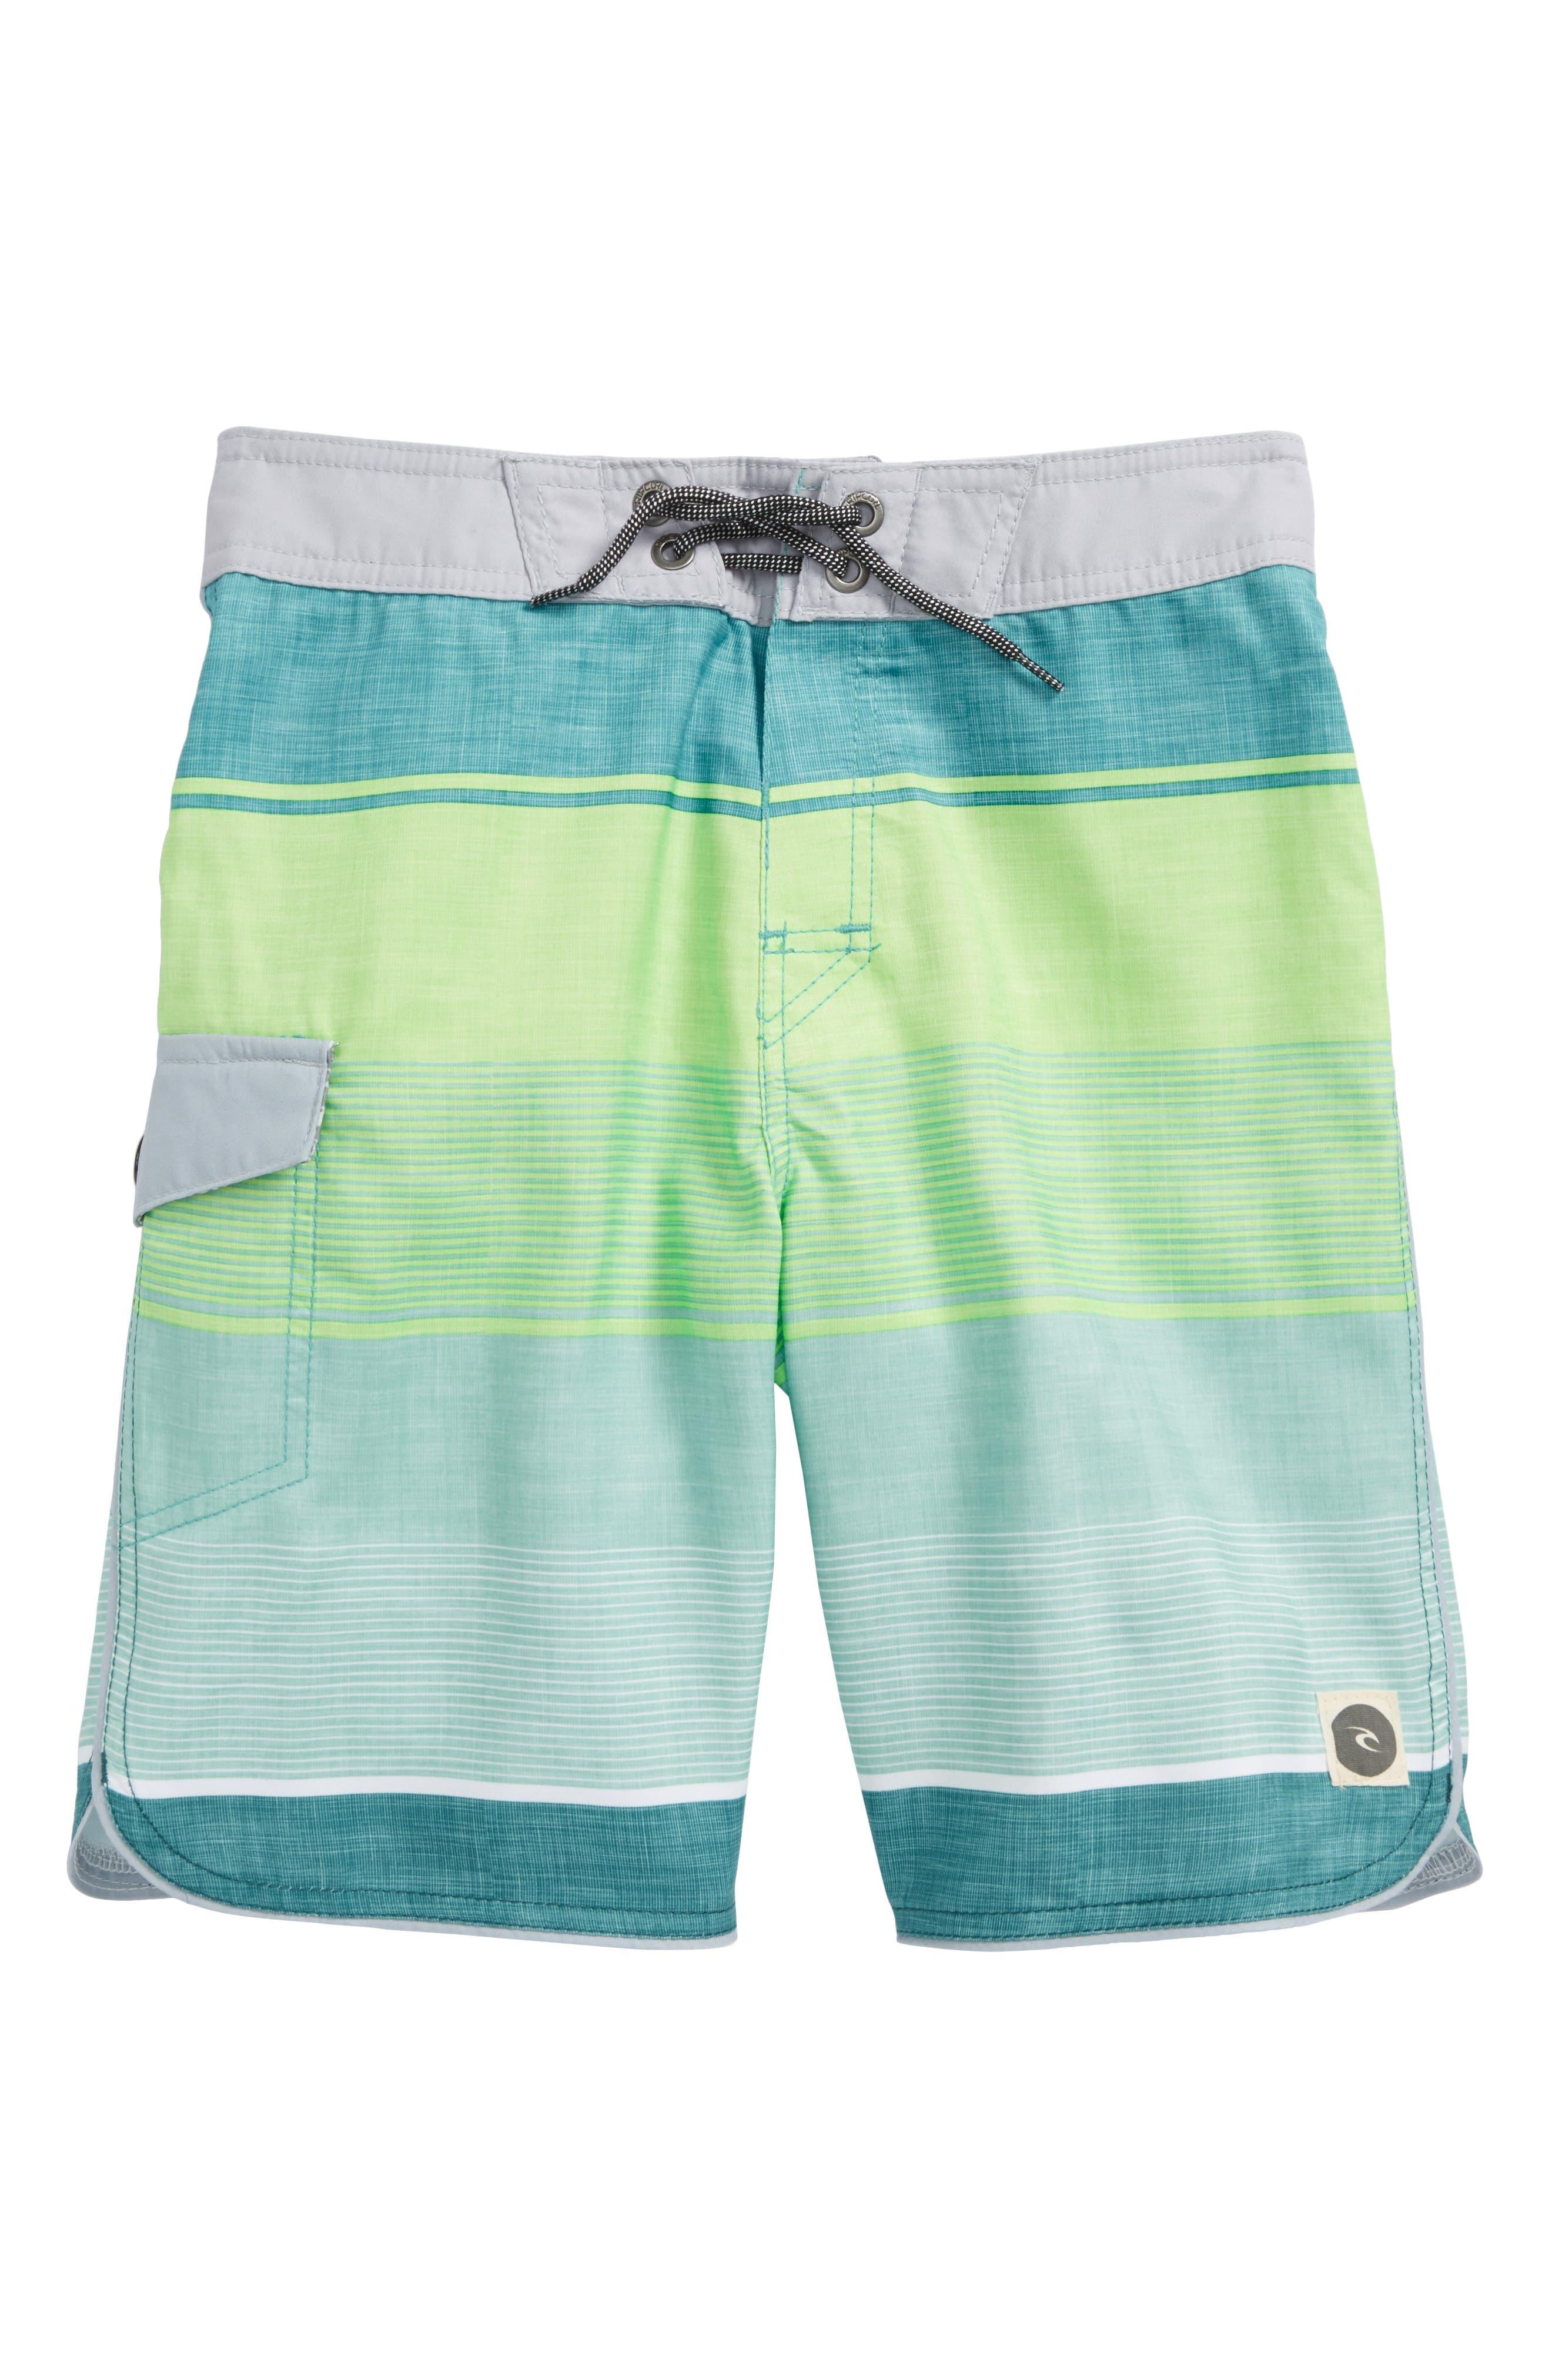 Good Vibes Board Shorts,                             Main thumbnail 1, color,                             300